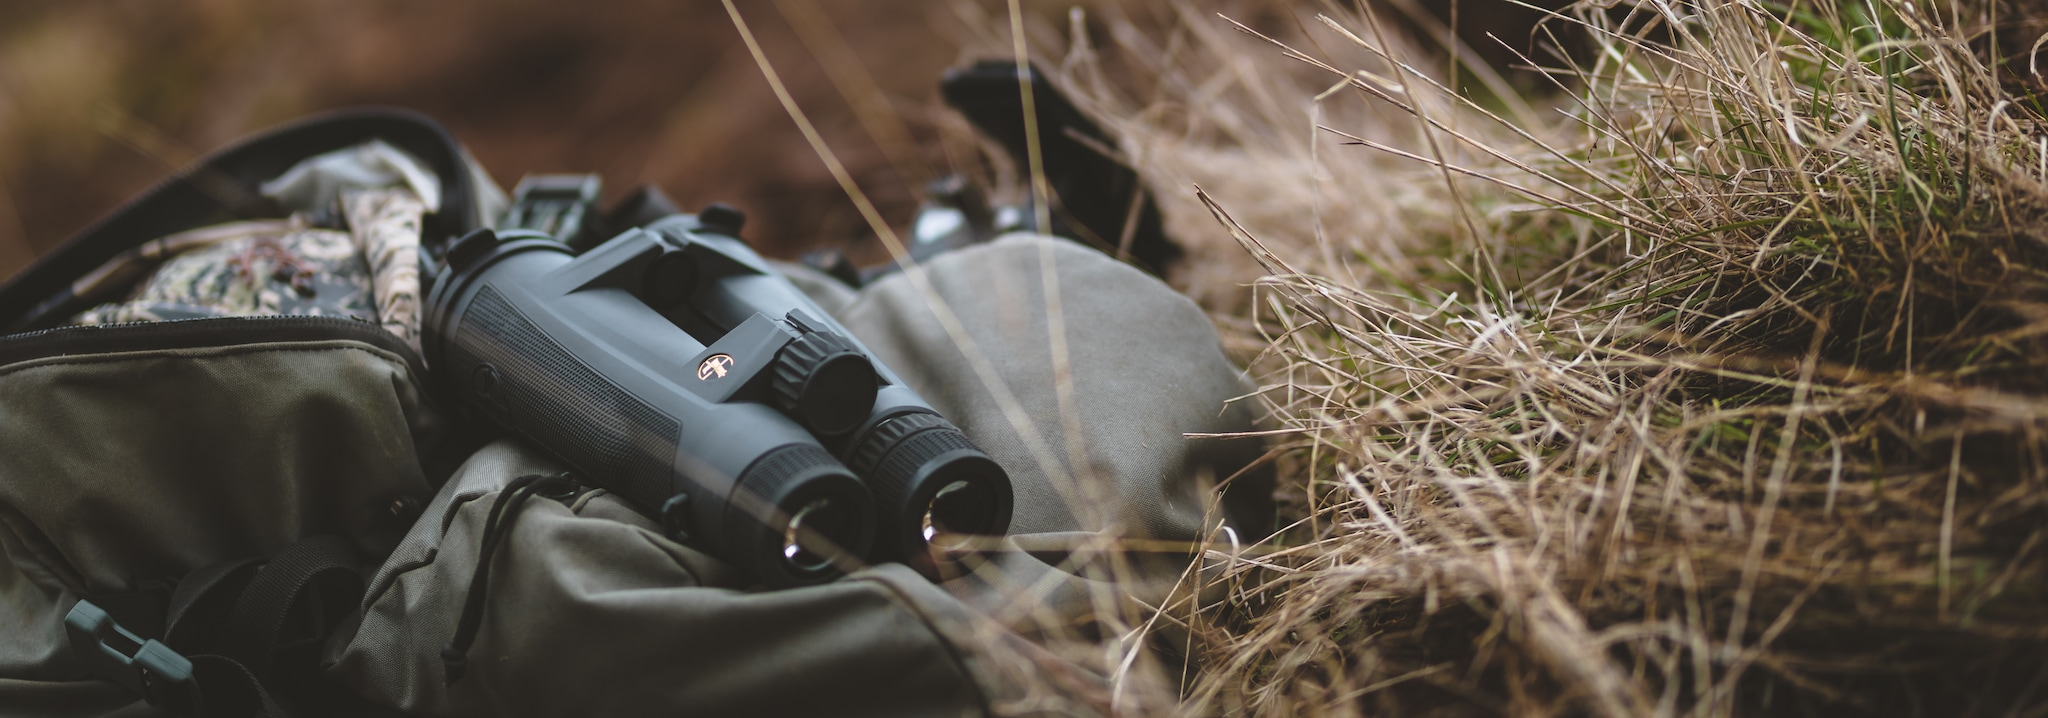 Leupold binoculars laying in the grass